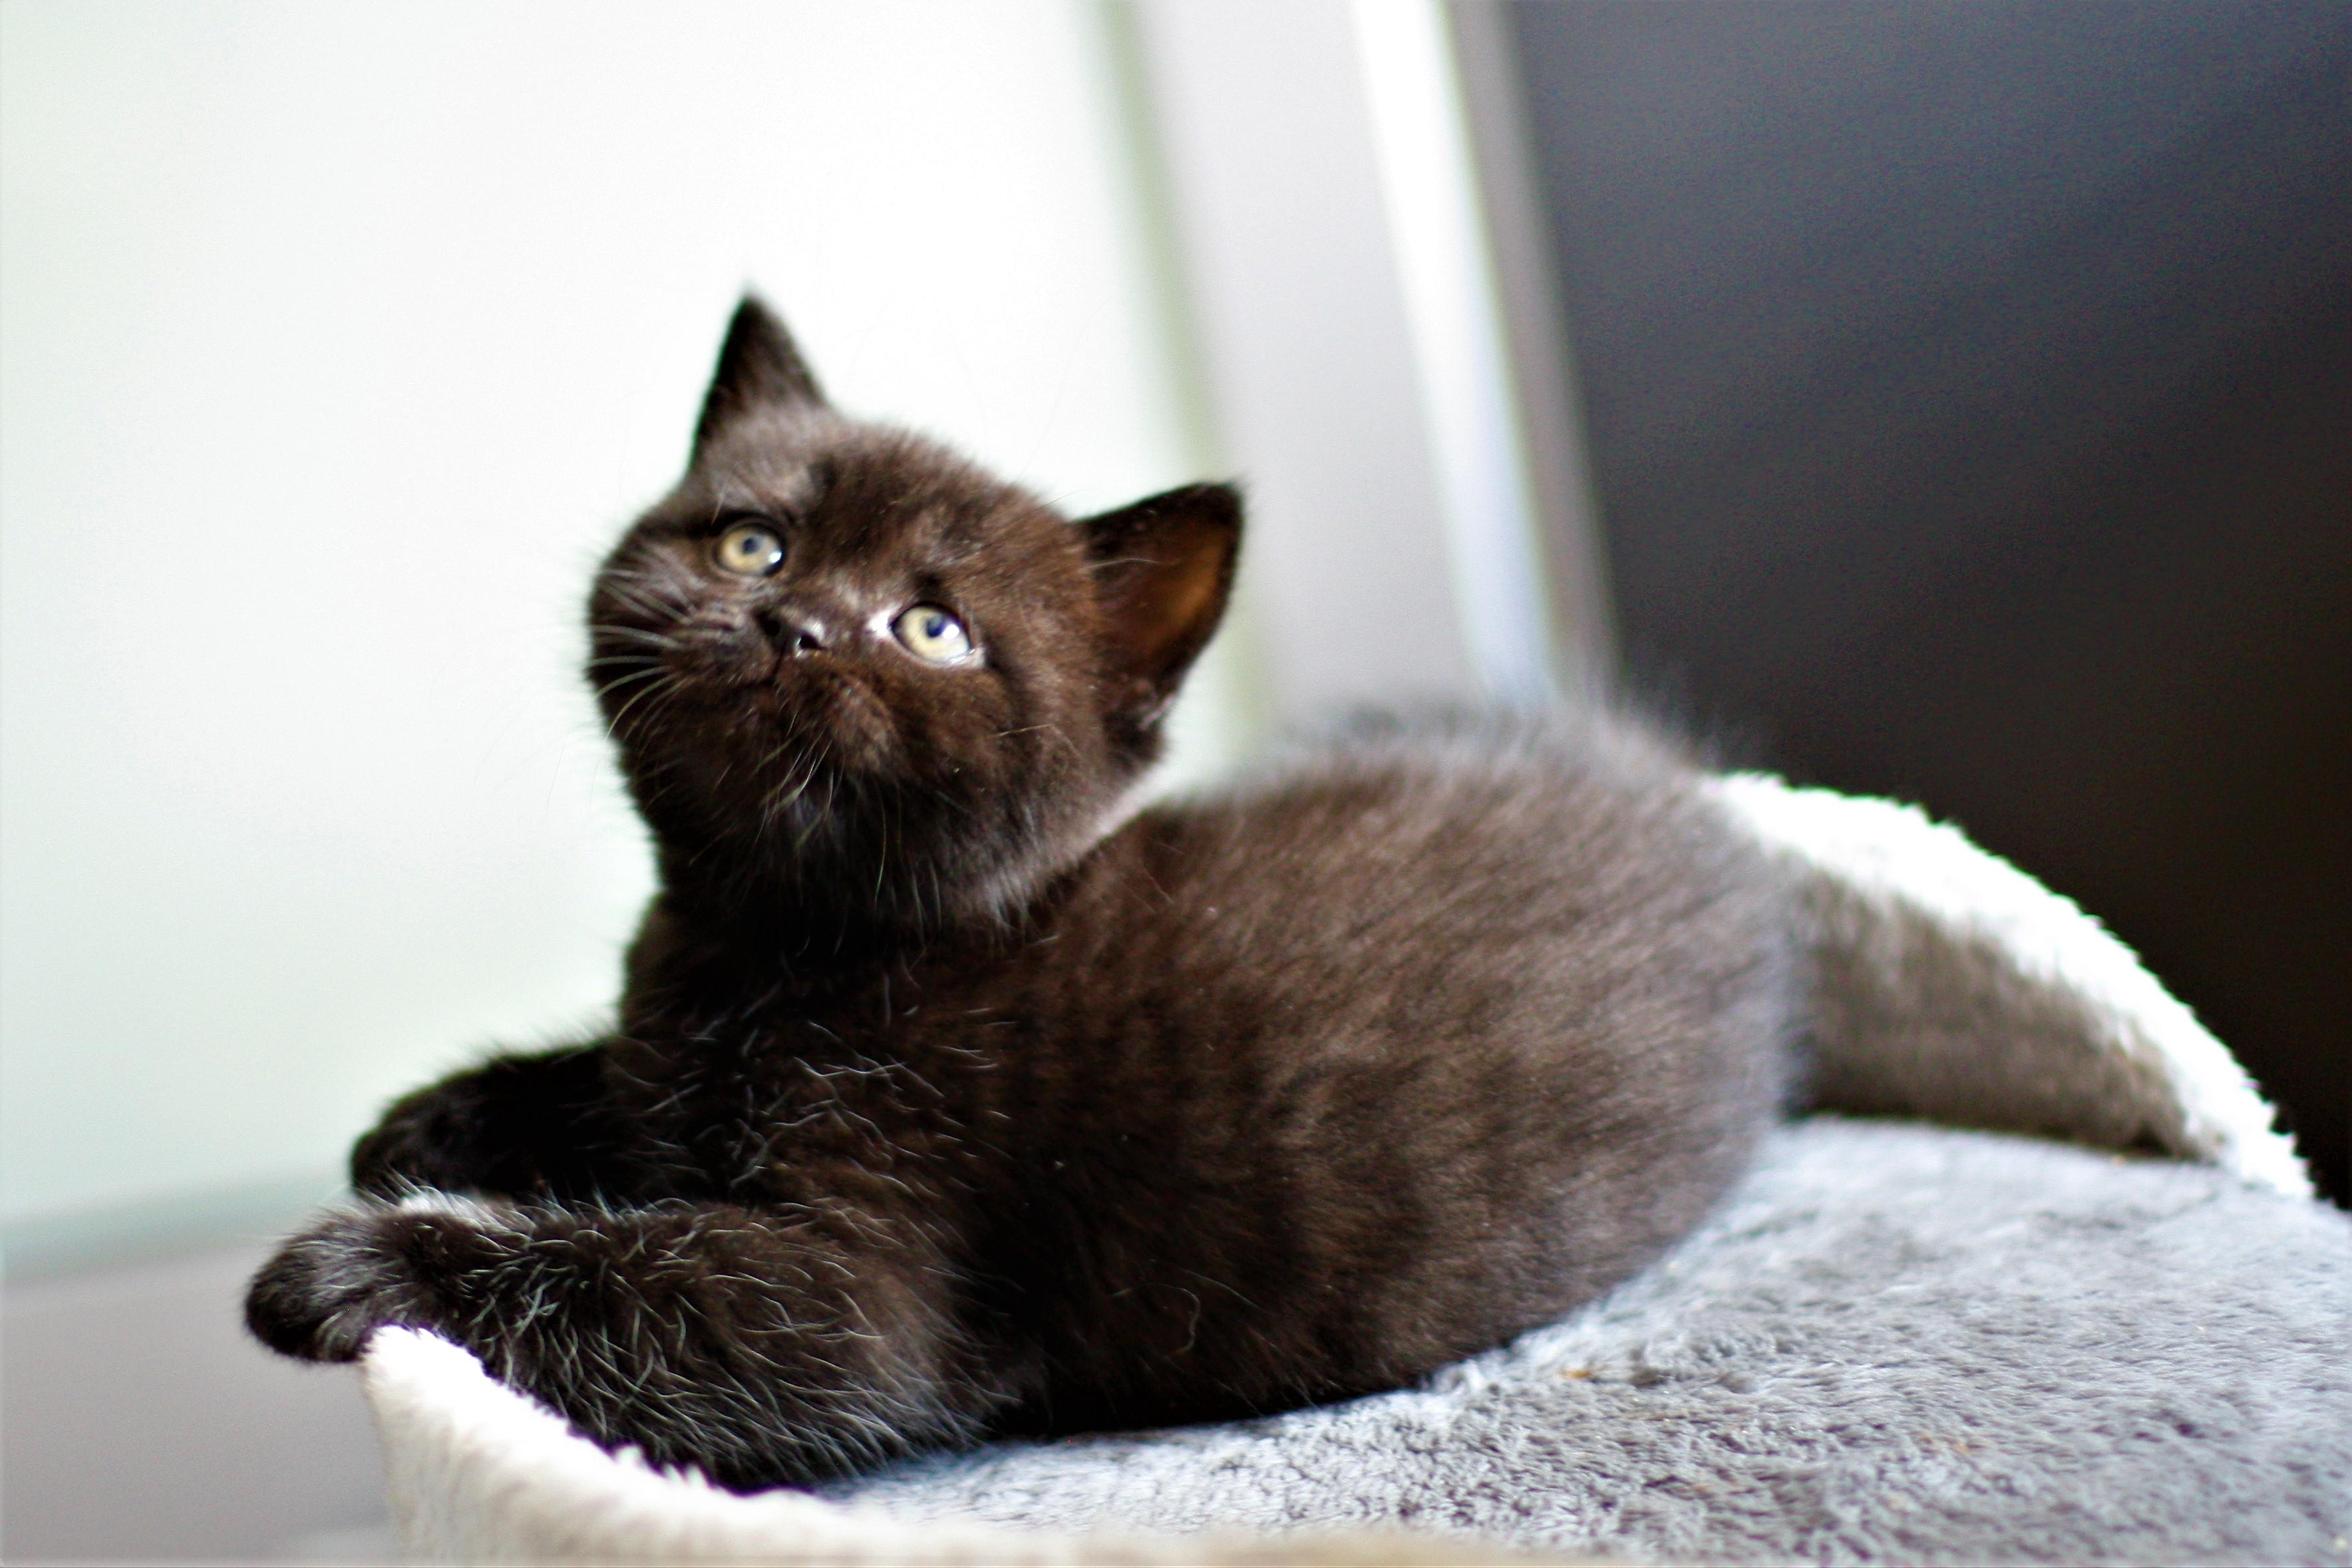 almiras kitten (18)